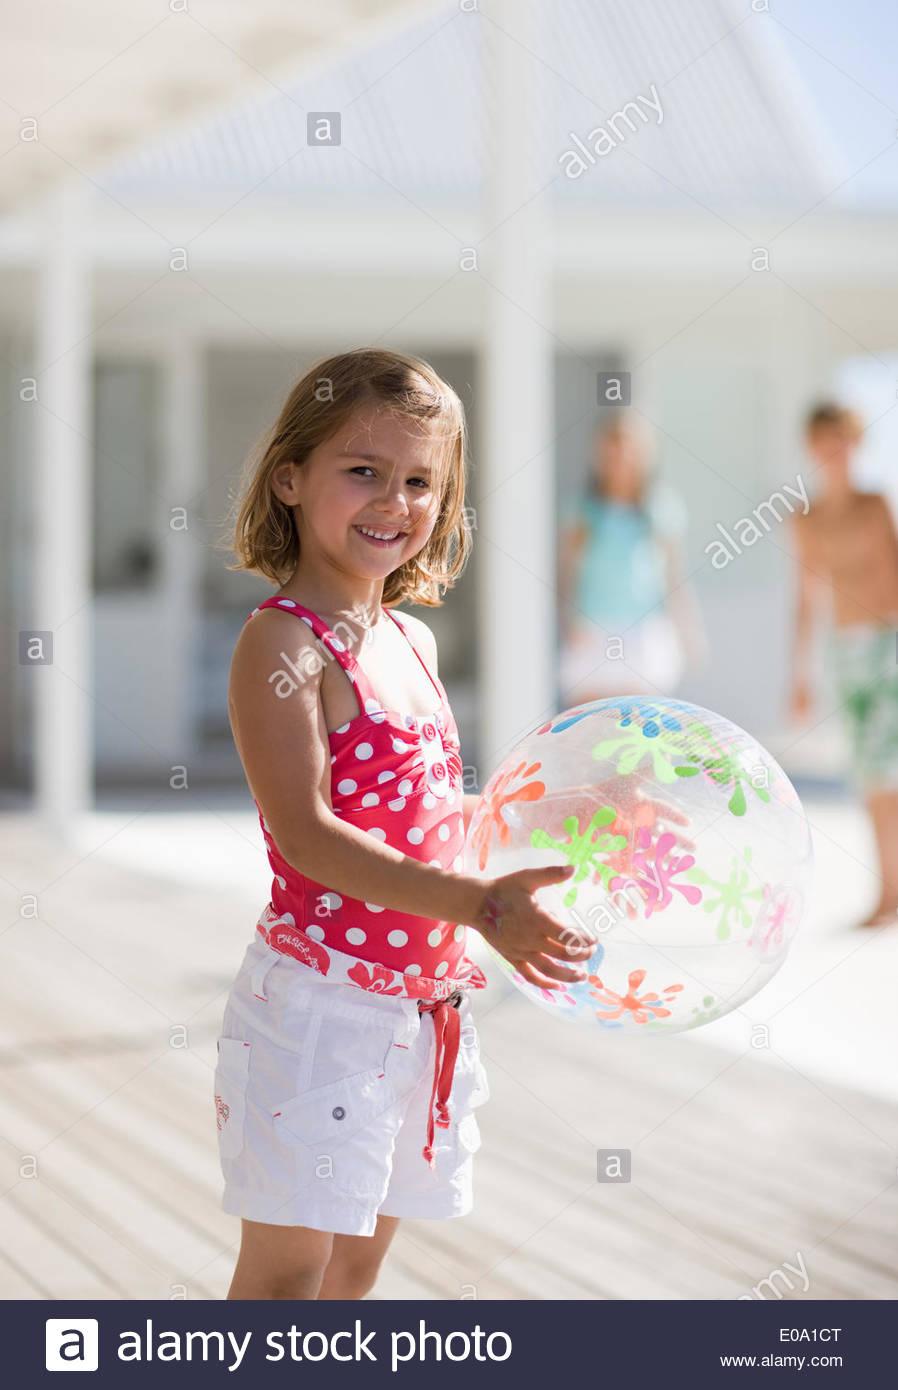 Suor giocando con sfera Immagini Stock